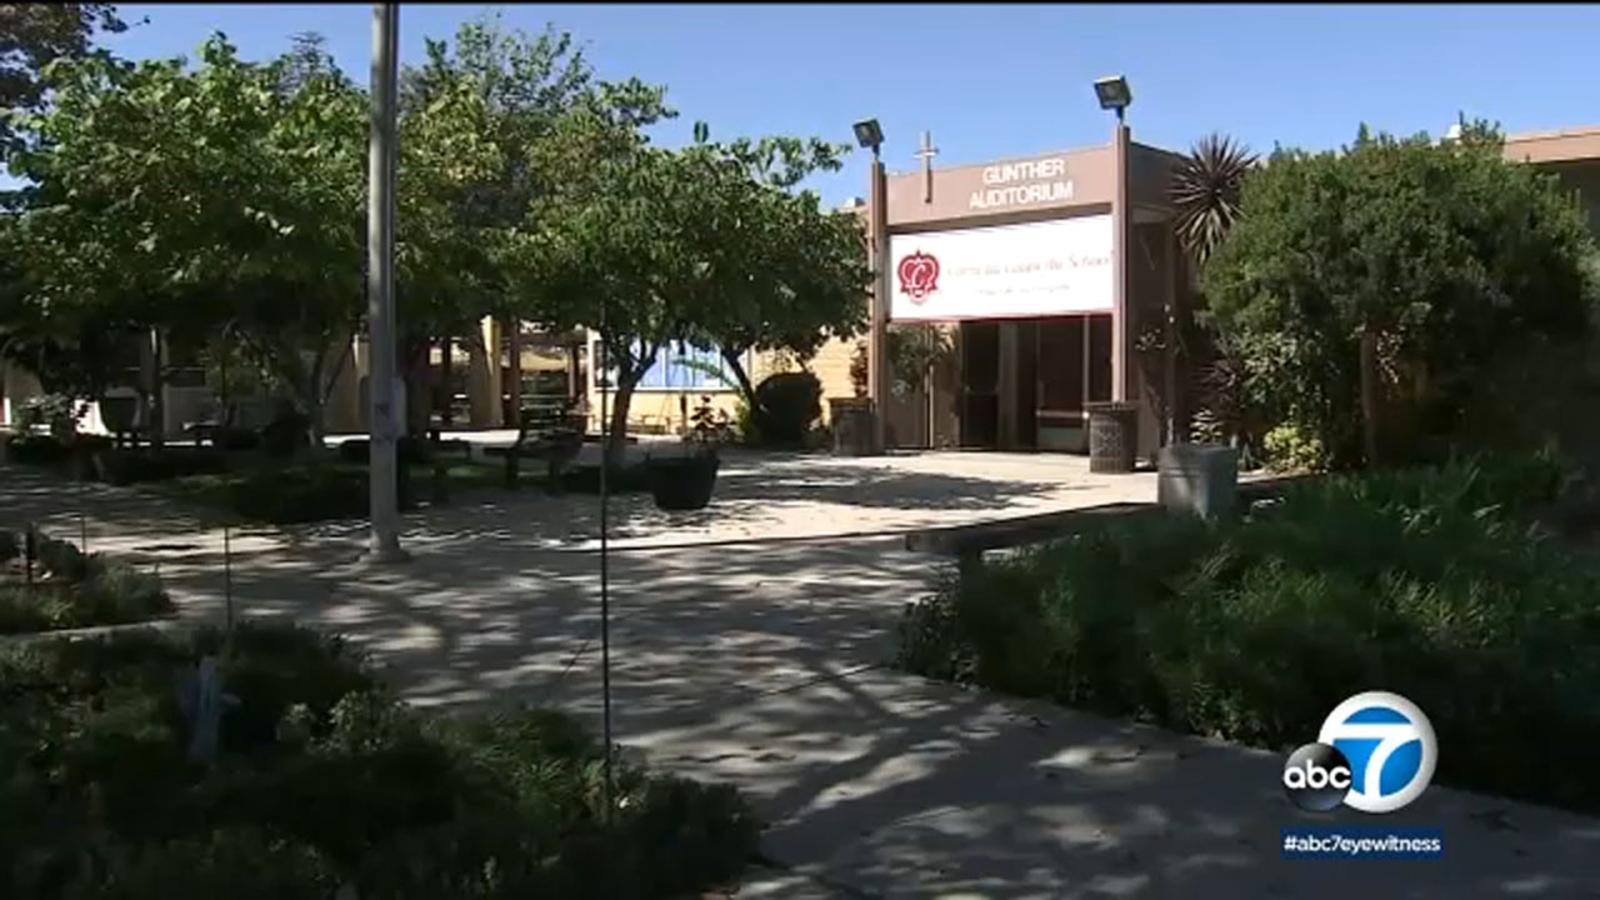 Anaheim private high school to shut down next summer unless it raises $1.1 million